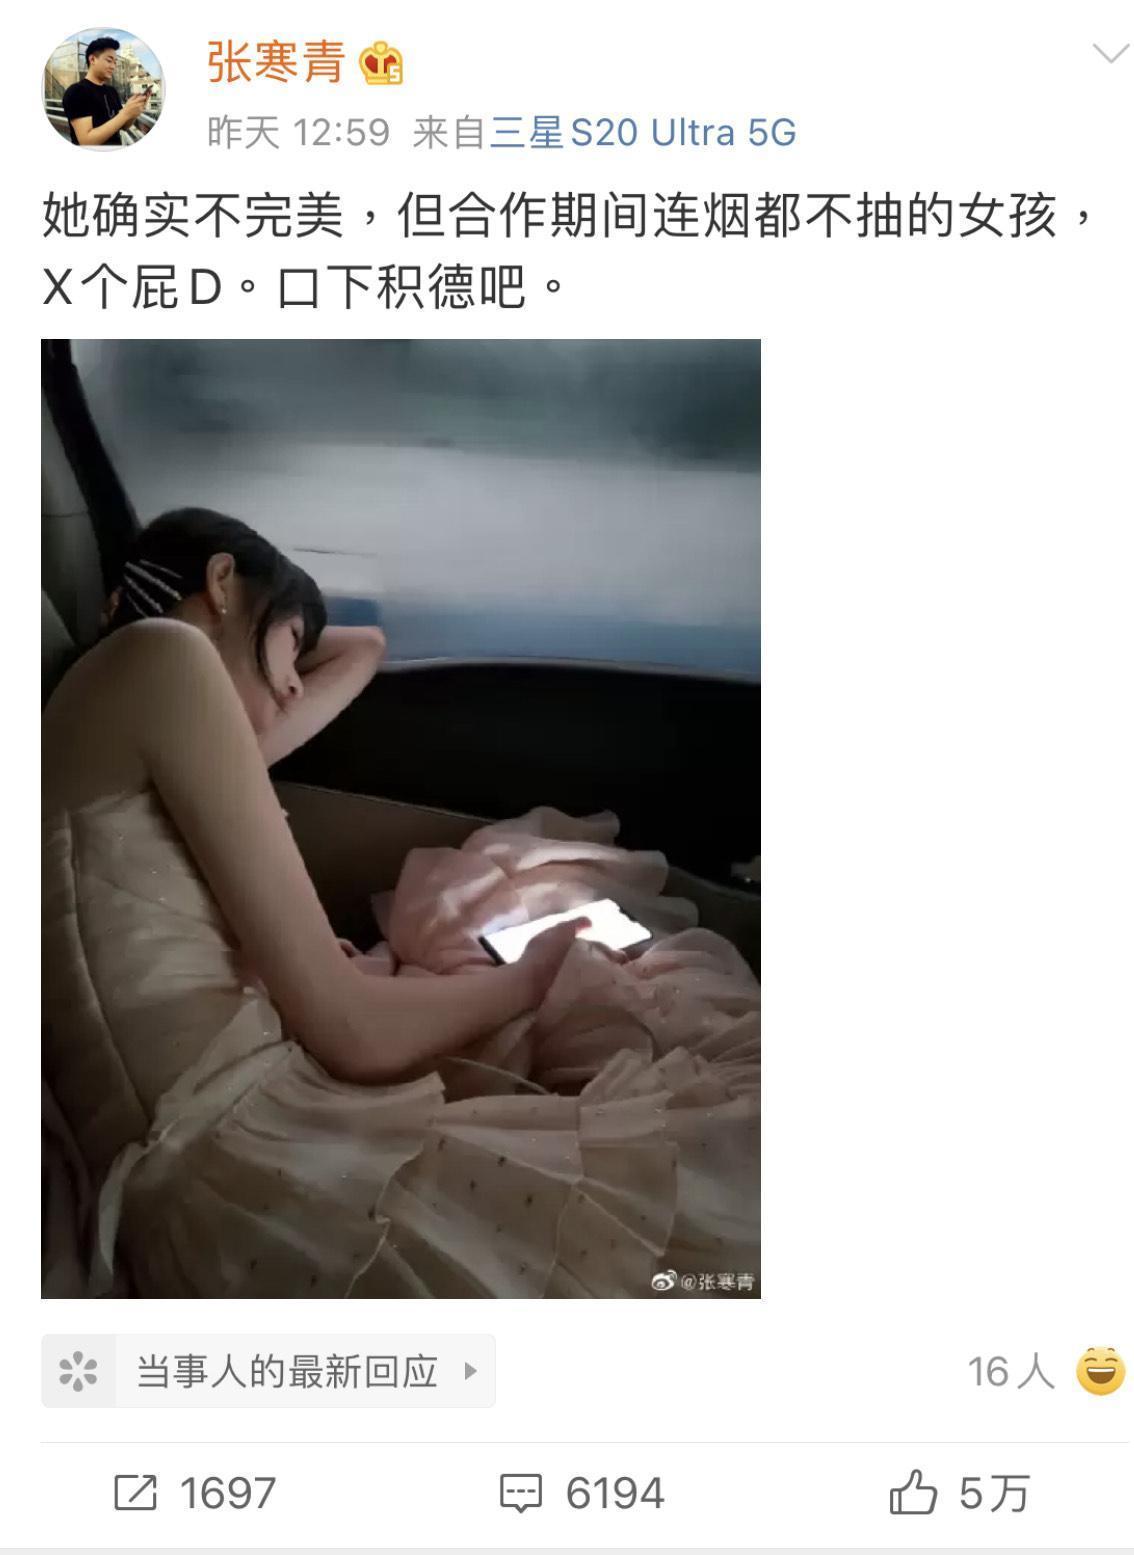 鄭爽前經紀人發文力挺,呼籲網友口下積德。(翻攝自張寒青微博)